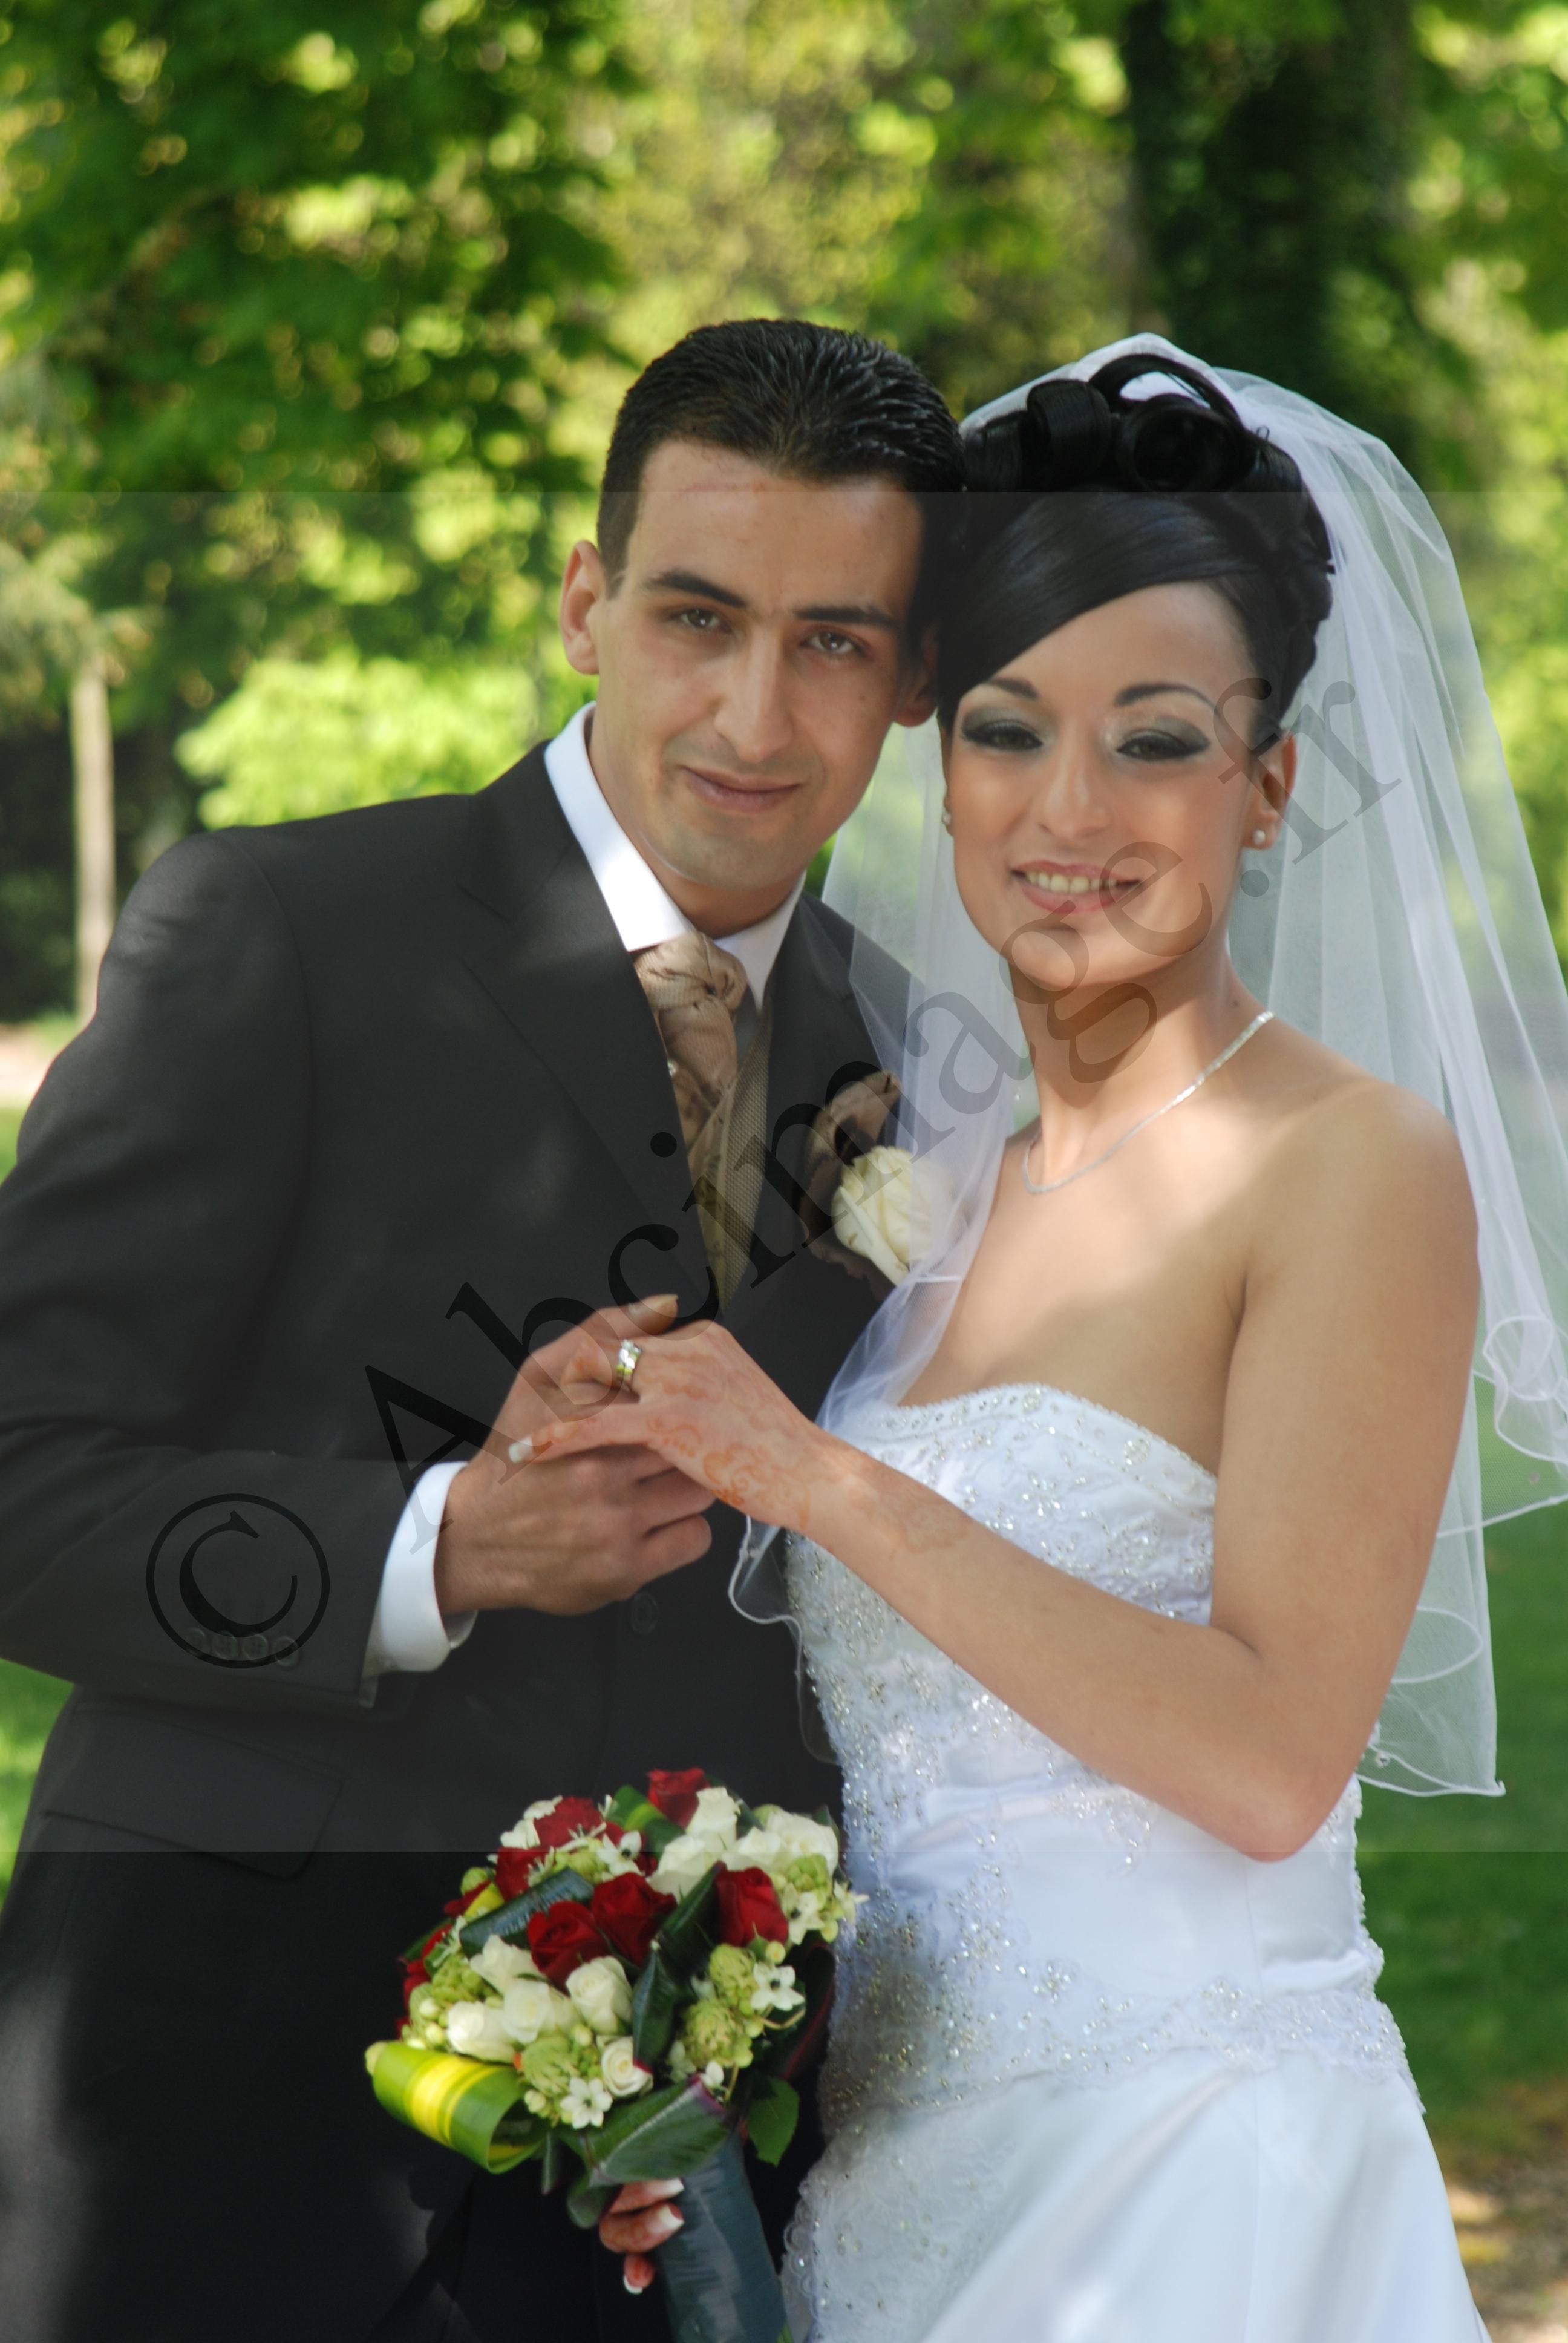 photographe pas cher paris mariage oriental - Photographe Mariage Oriental